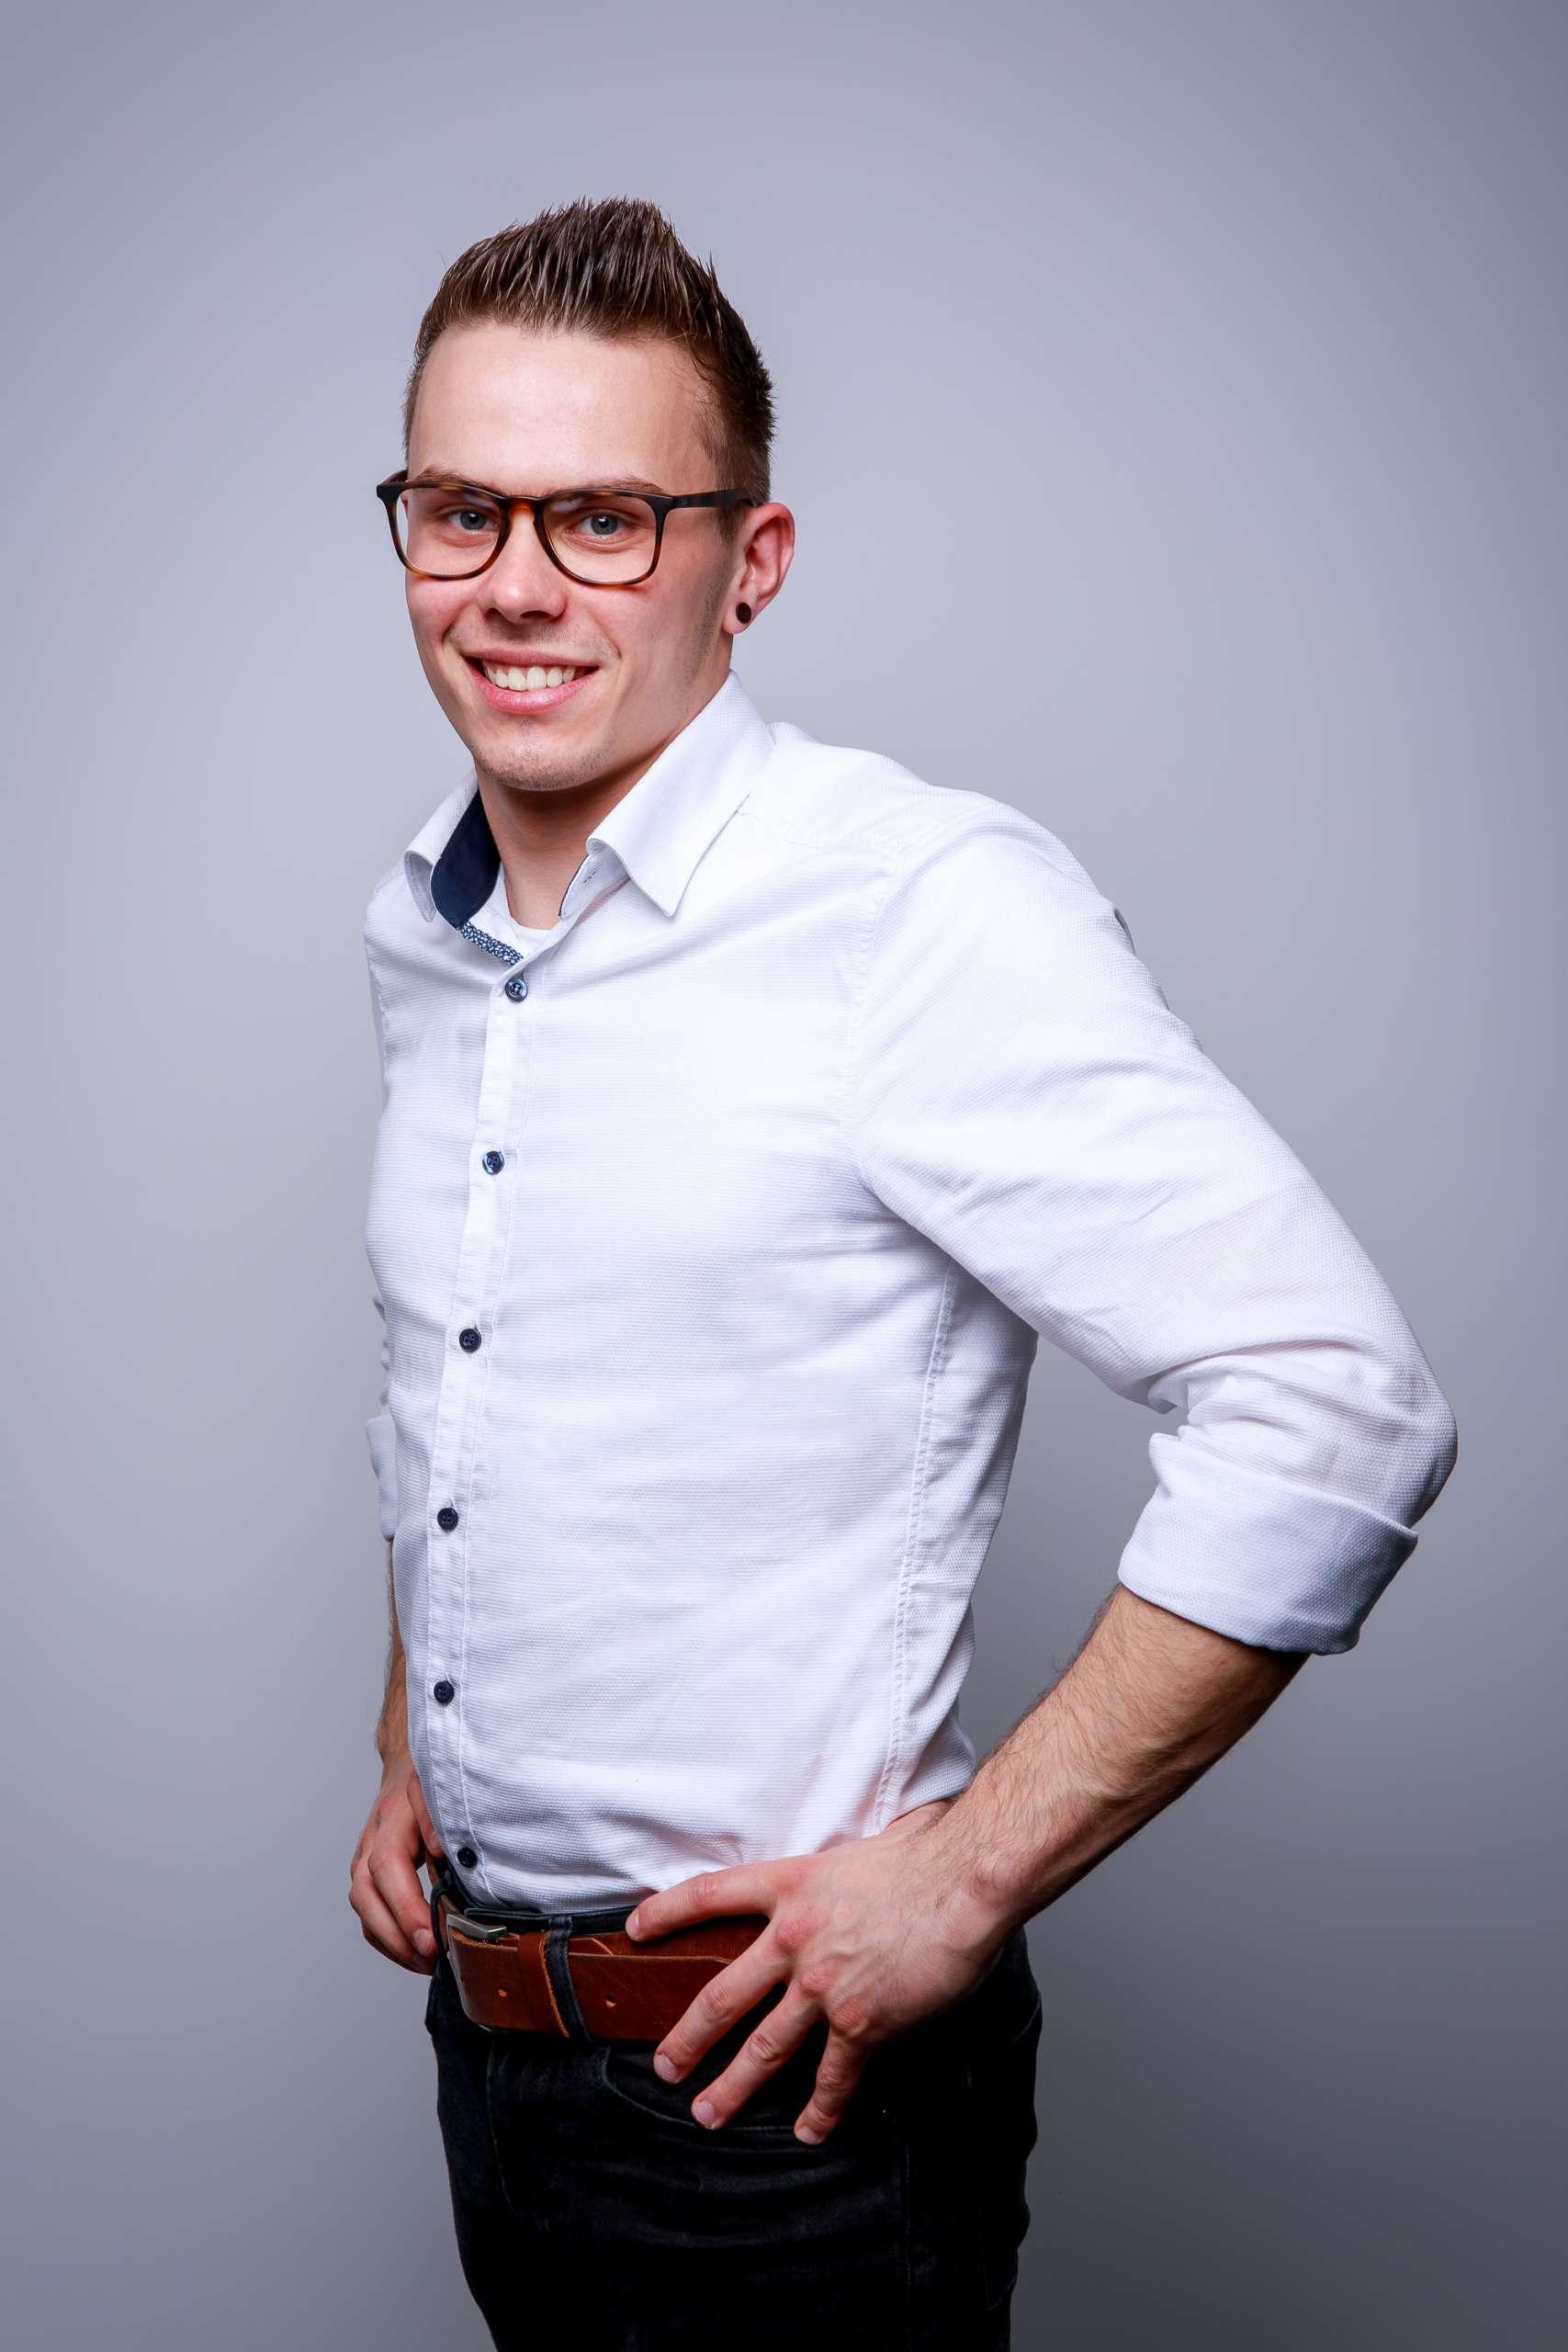 Florian Walkenhorst